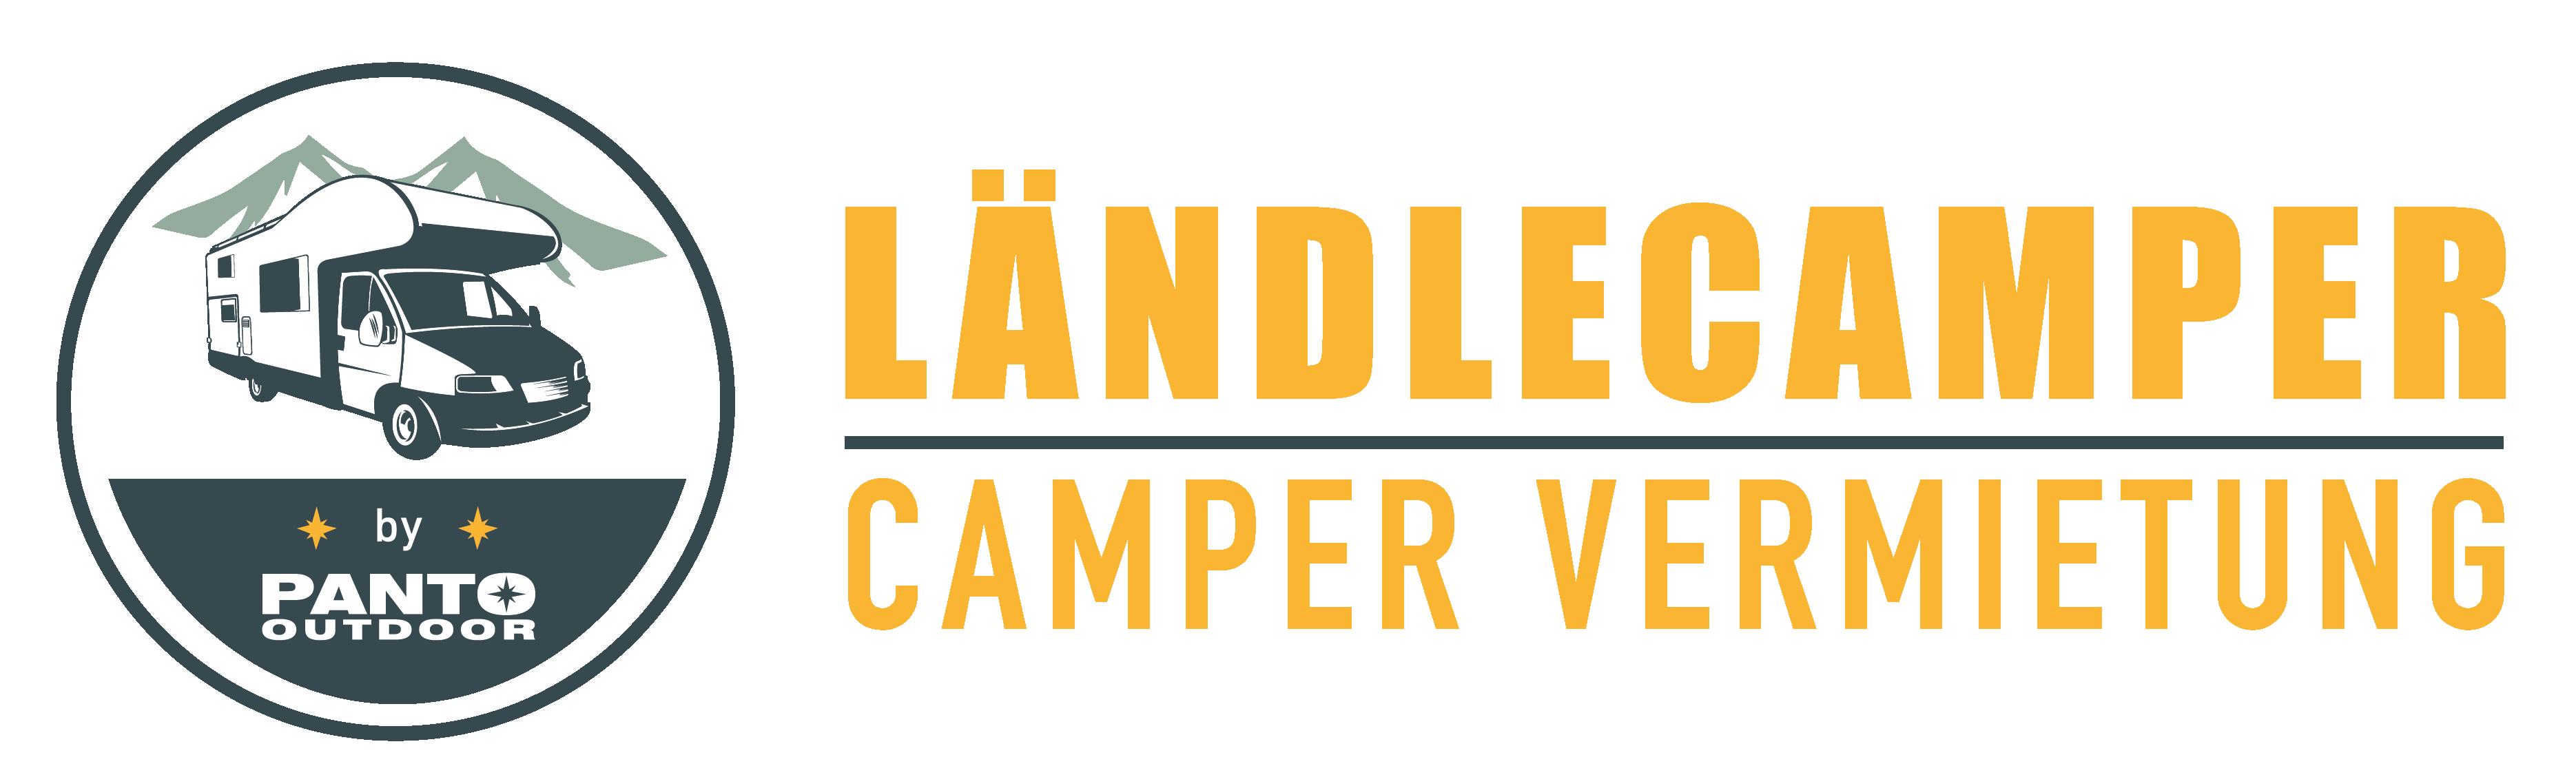 Ländlecamper